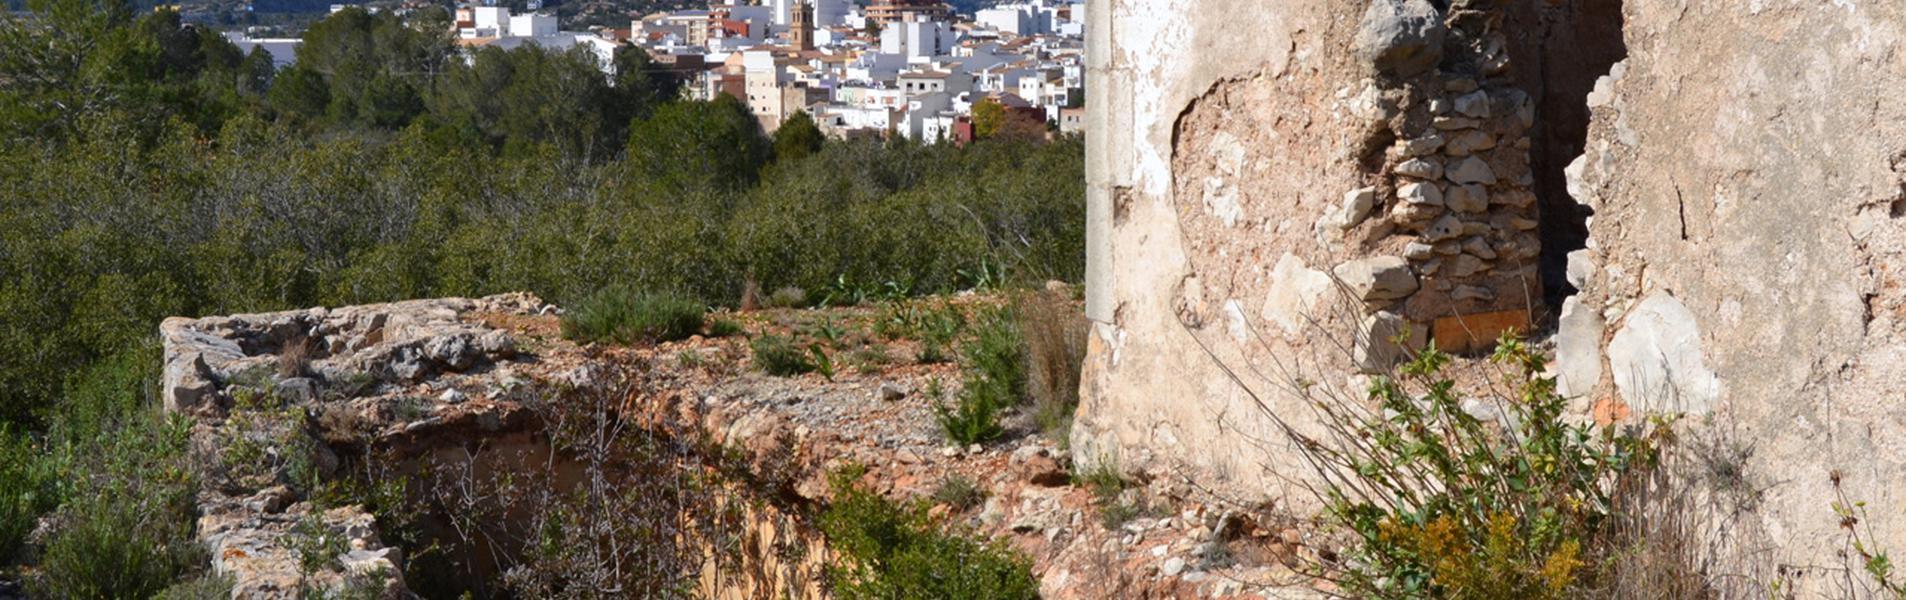 Árboles singulares de Gata de Gorgos